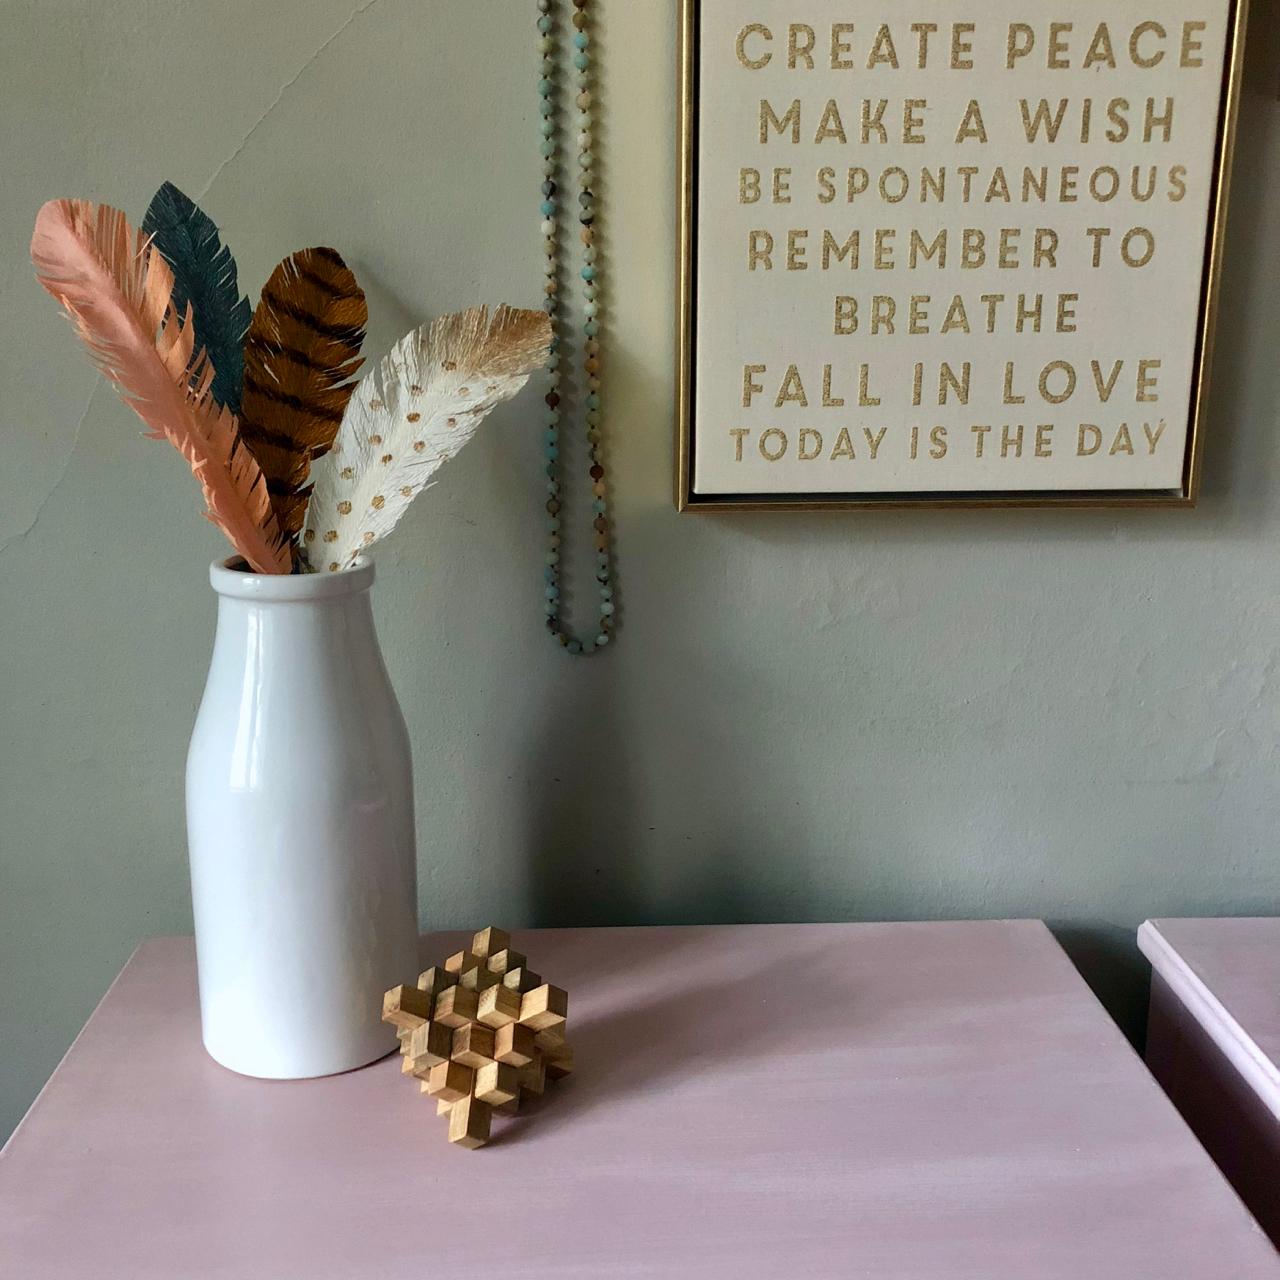 jo-torrijos-atlanta-painted-furniture-annie-sloan-antoinette-blush-pink-nightstands-7.jpg